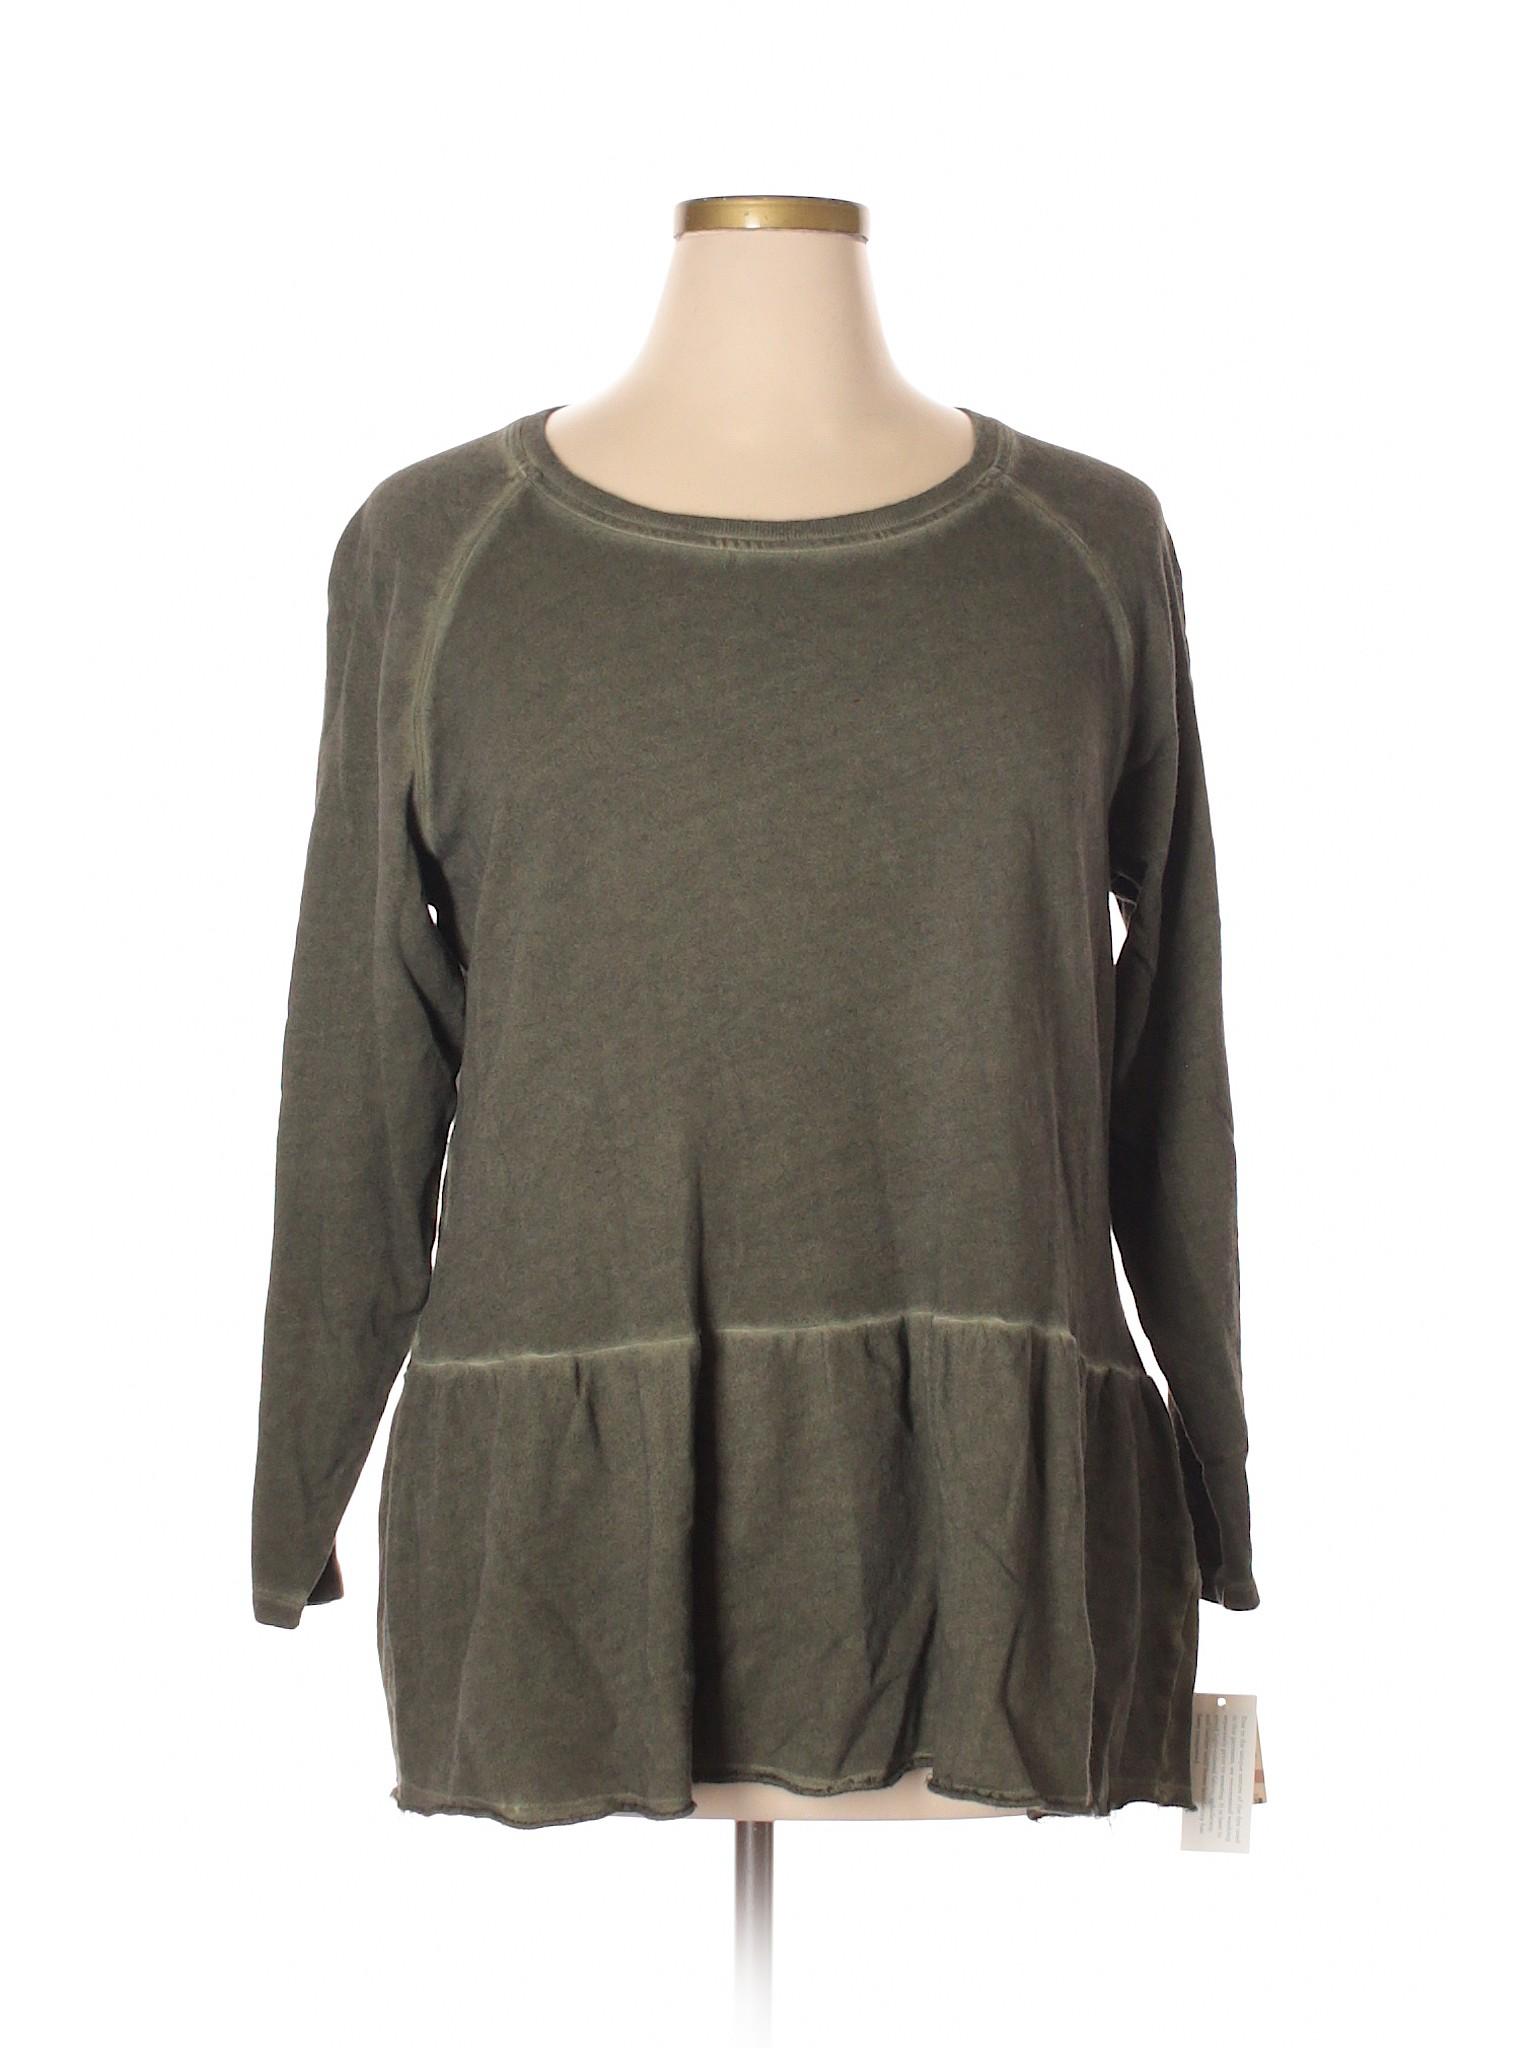 Sweater Pullover winter Boutique Style amp;Co wIq4v0xzZ